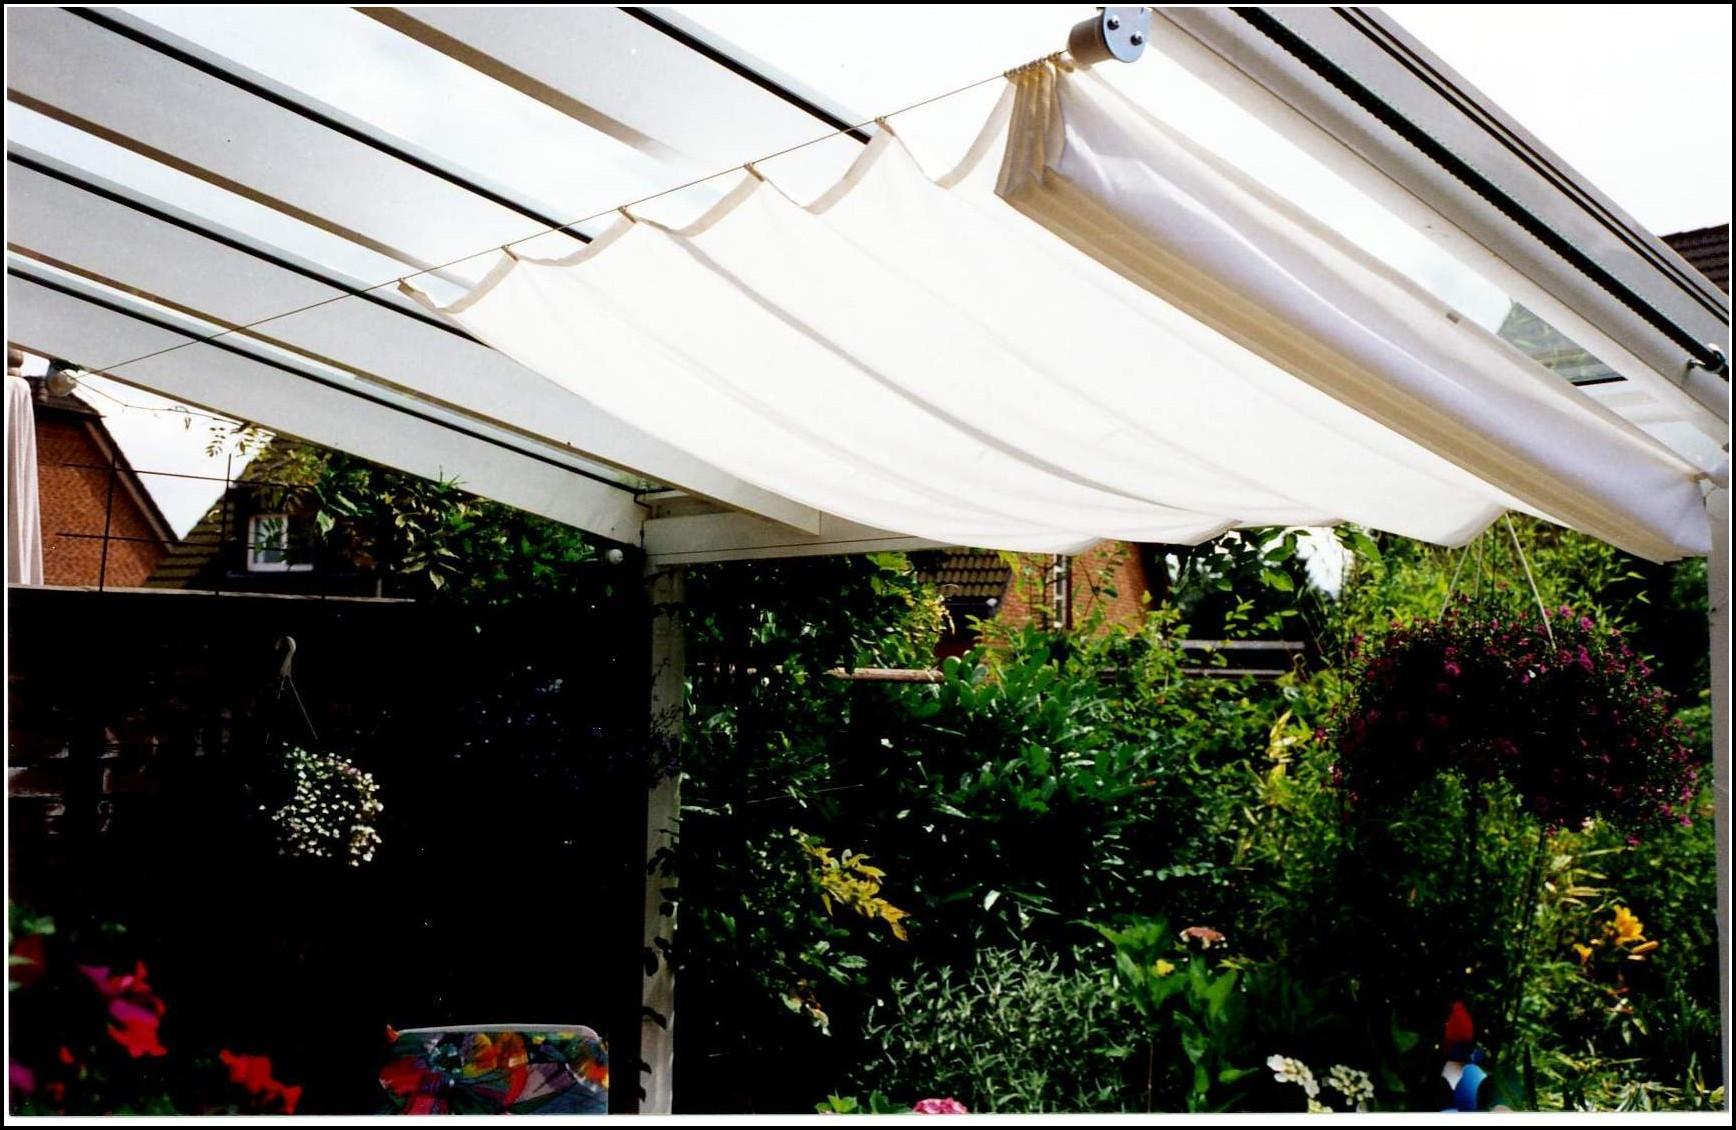 Sonnenschutz Für Terrassenüberdachung Selber Machen